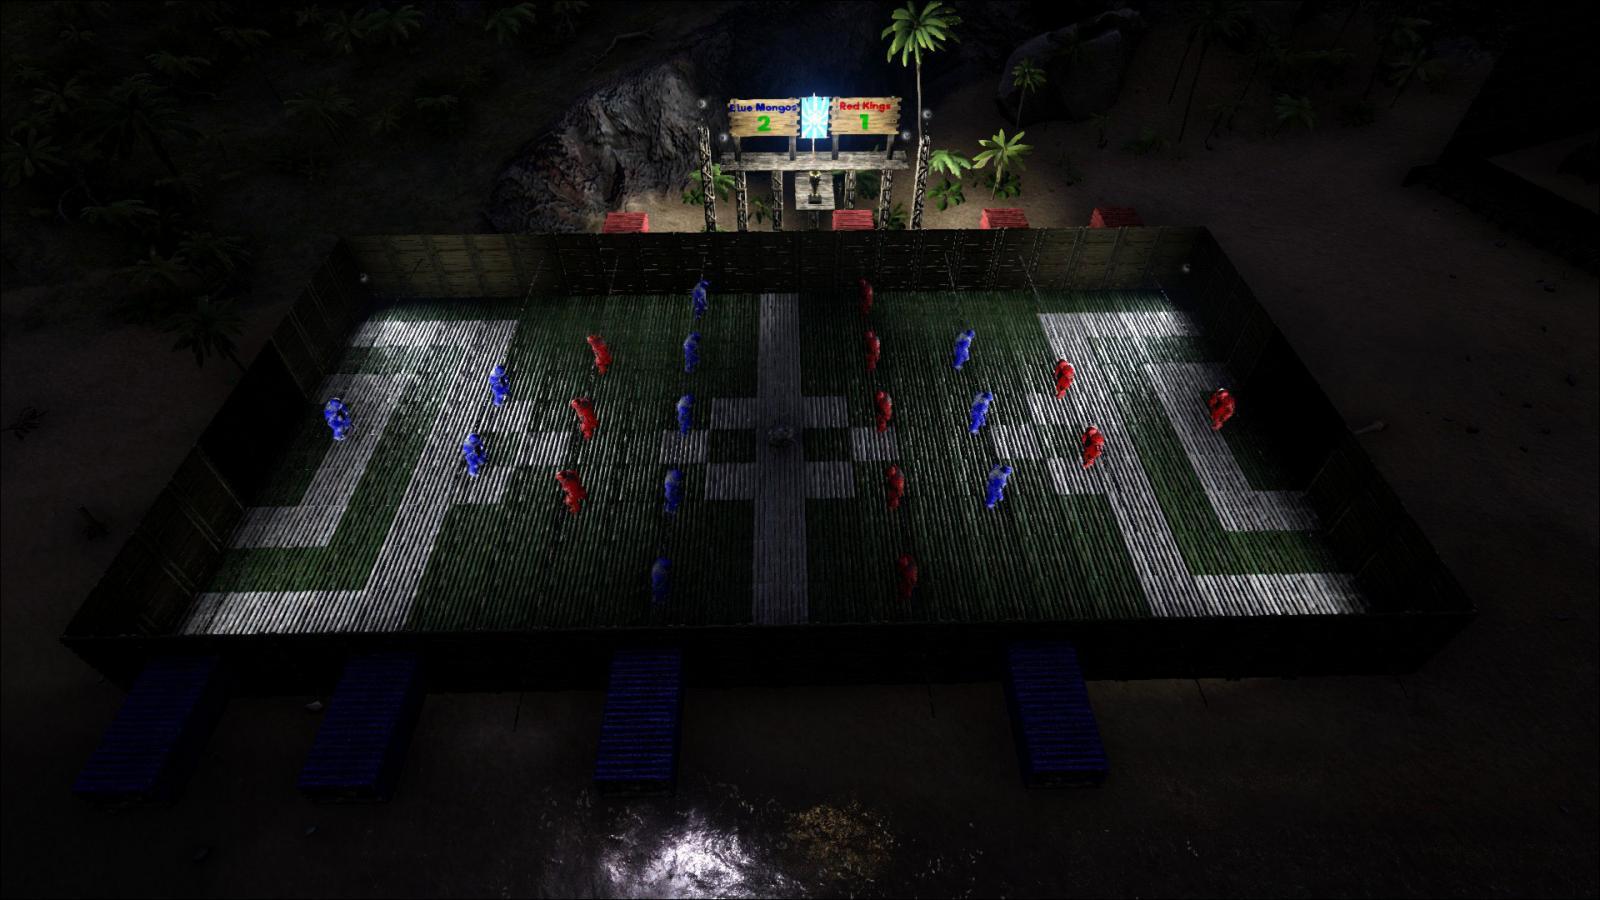 Foosball at night!